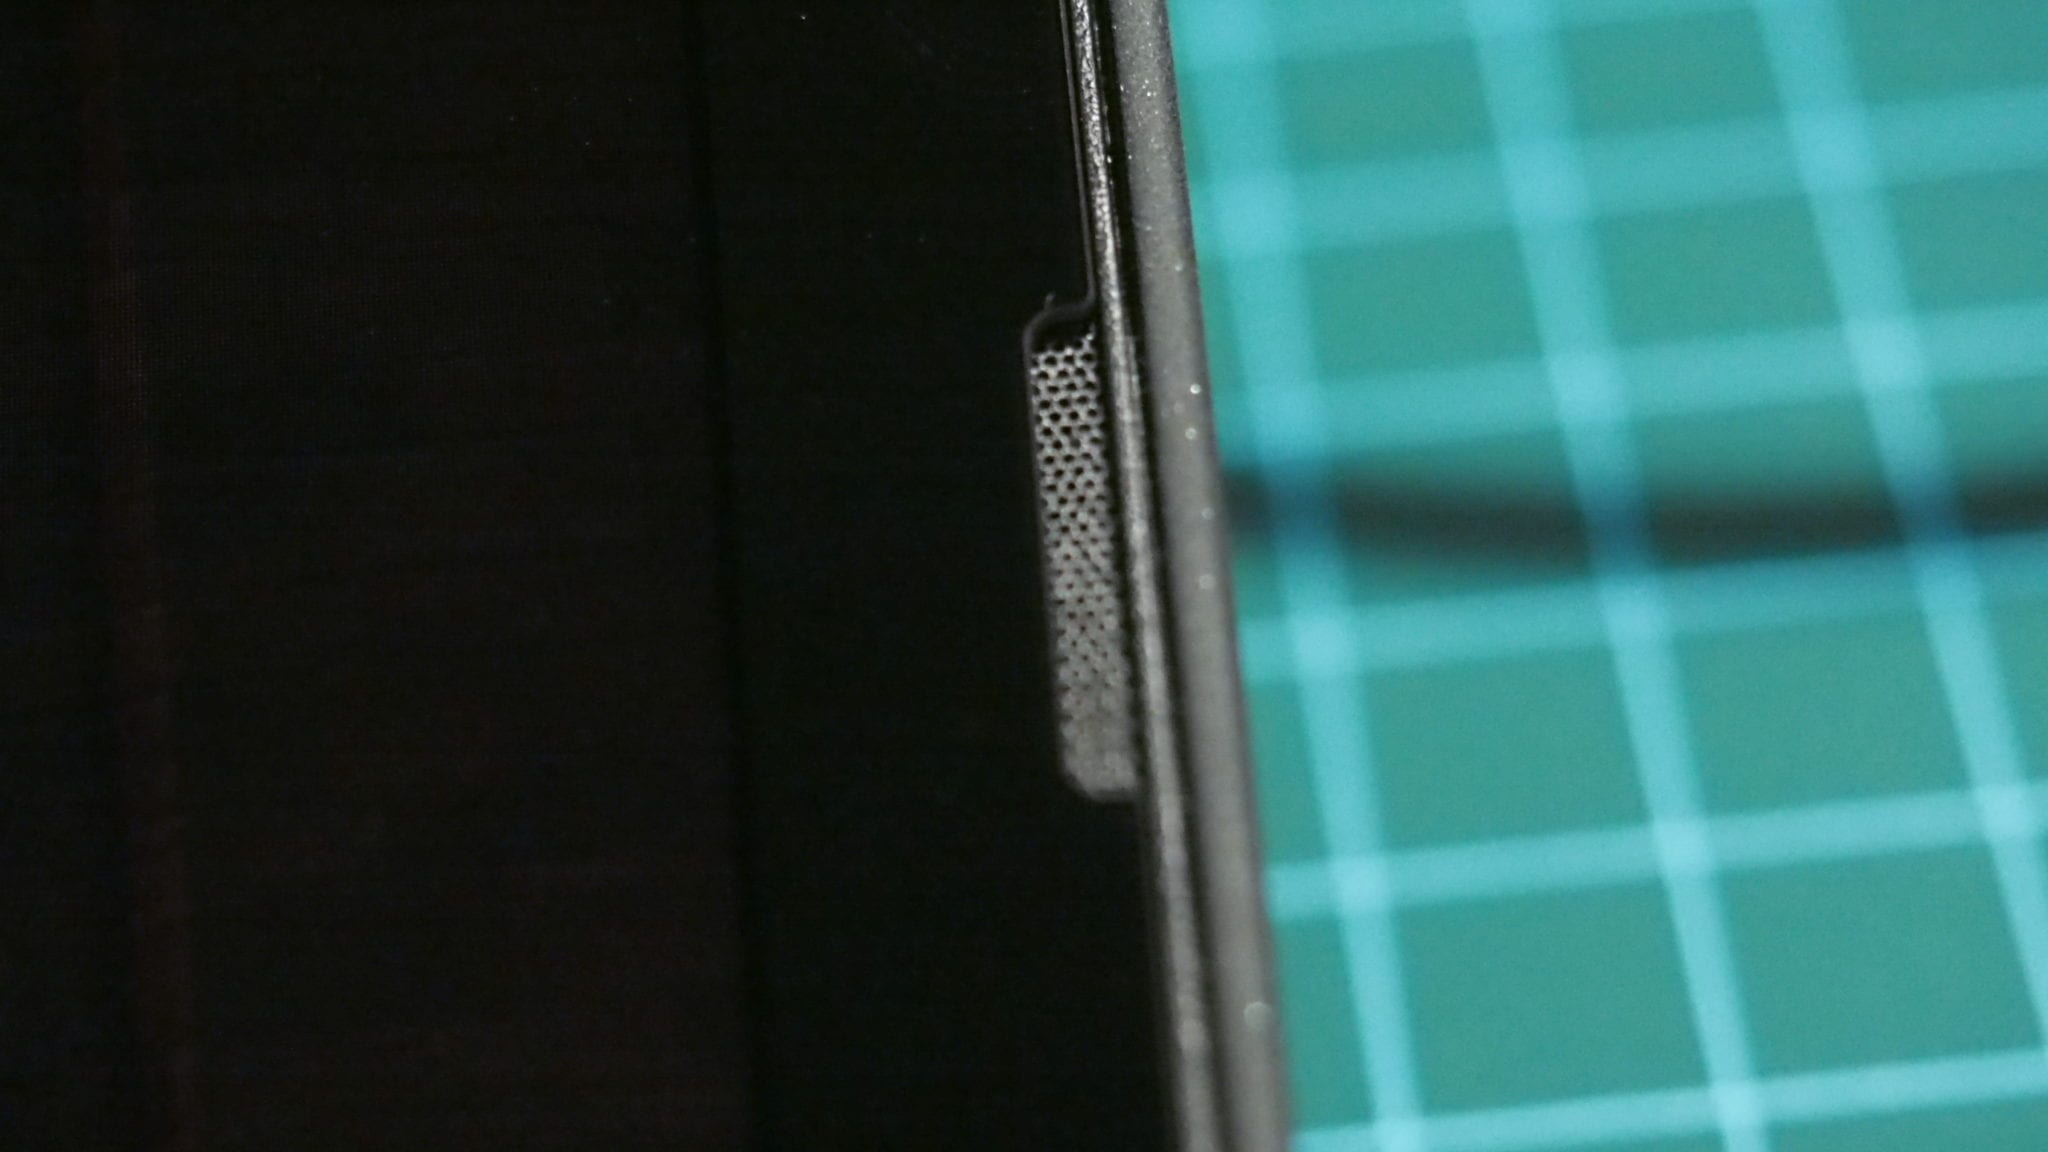 רמקול סביר ובינוני ב-ThinkPad X12 Detachable